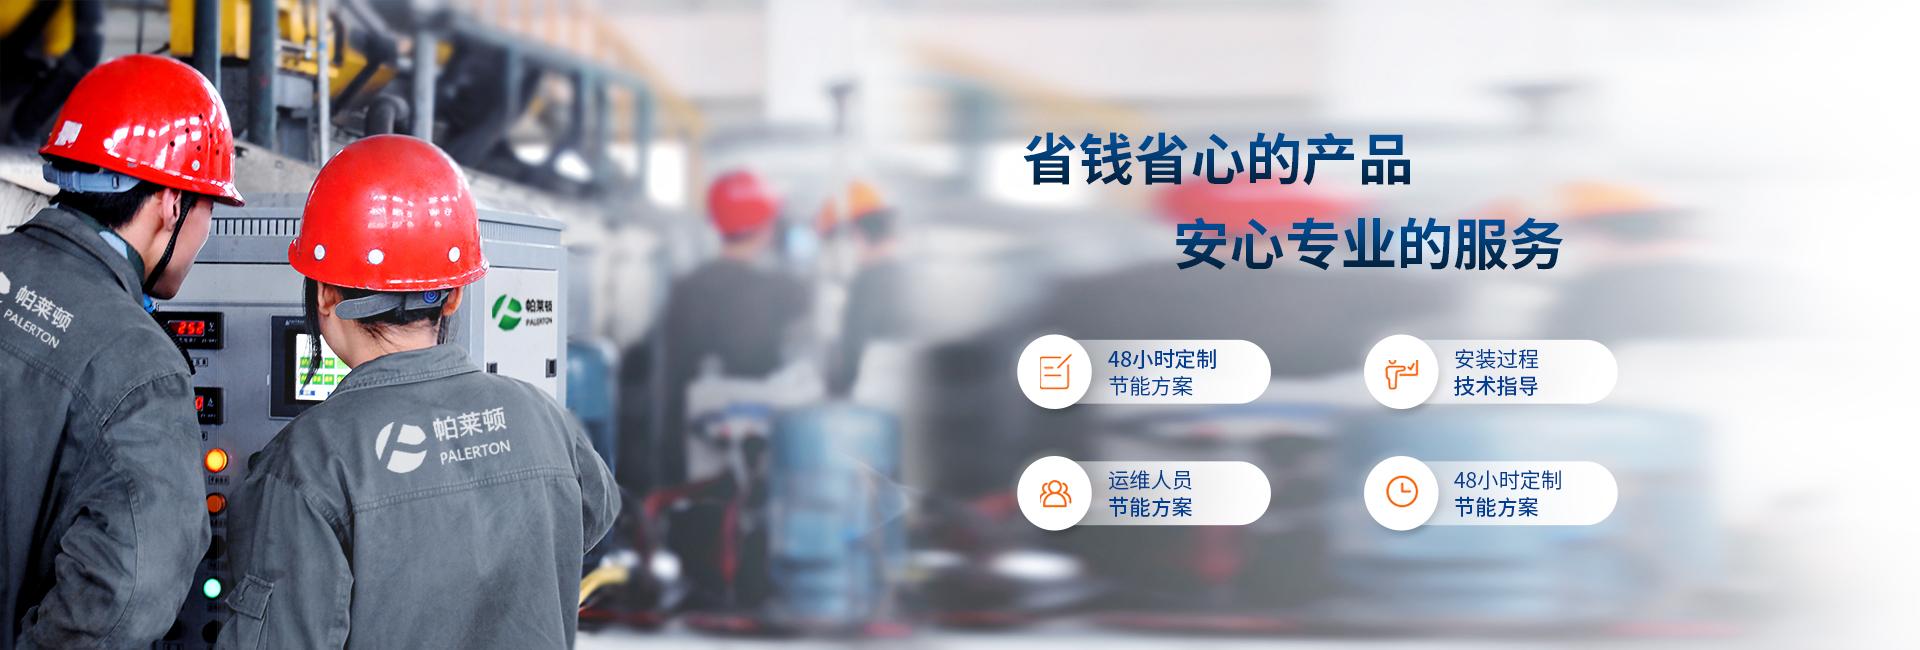 广东帕莱顿,燃气蒸汽发生器,电加热蒸汽发生器,蒸汽发生器厂家